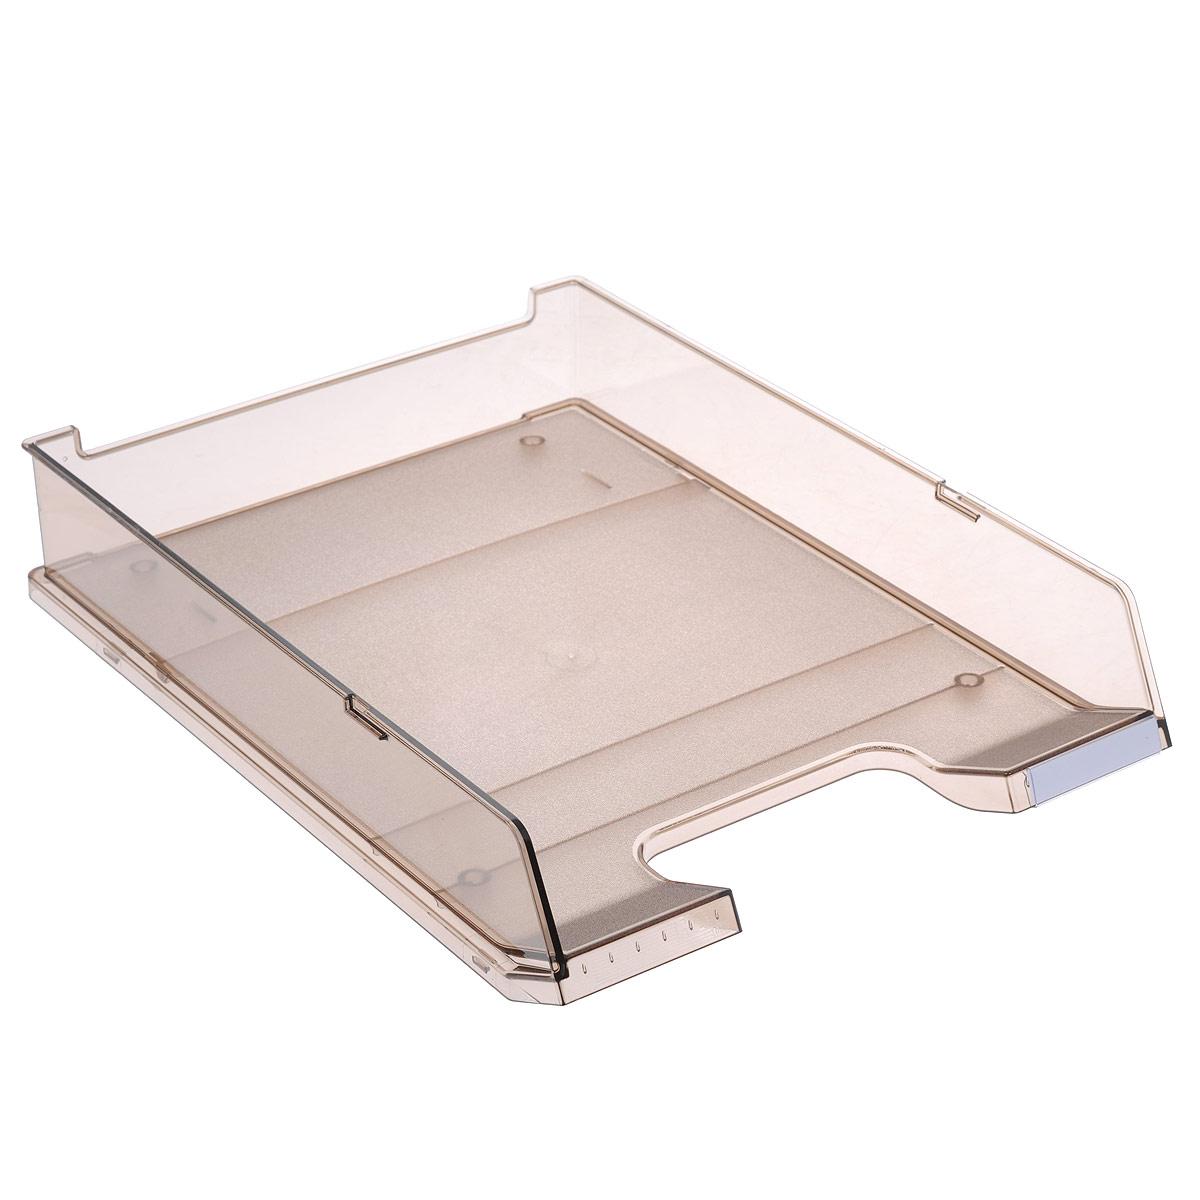 Лоток для бумаг горизонтальный HAN C4, прозрачный, цвет: черный353.FГоризонтальный лоток для бумаг HAN C4 предназначен для хранения бумаг и документов формата А4. Лоток с оригинальным дизайном корпуса поможет вам навести порядок на столе и сэкономить пространство.Лоток изготовлен из экологически чистого прозрачного антистатического пластика. Приподнятая фронтальная часть лотка облегчает изъятие документов из накопителя. Лоток имеет пластиковые ножки, предотвращающие скольжение по столу. Также лоток оснащен небольшим прозрачным окошком для этикетки. Лоток для бумаг станет незаменимым помощником для работы с бумагами дома или в офисе, а его стильный дизайн впишется в любой интерьер. Благодаря лотку для бумаг, важные бумаги и документы всегда будут под рукой.Несколько лотков можно ставить друг на друга, один в другой и друг на друга со смещением.